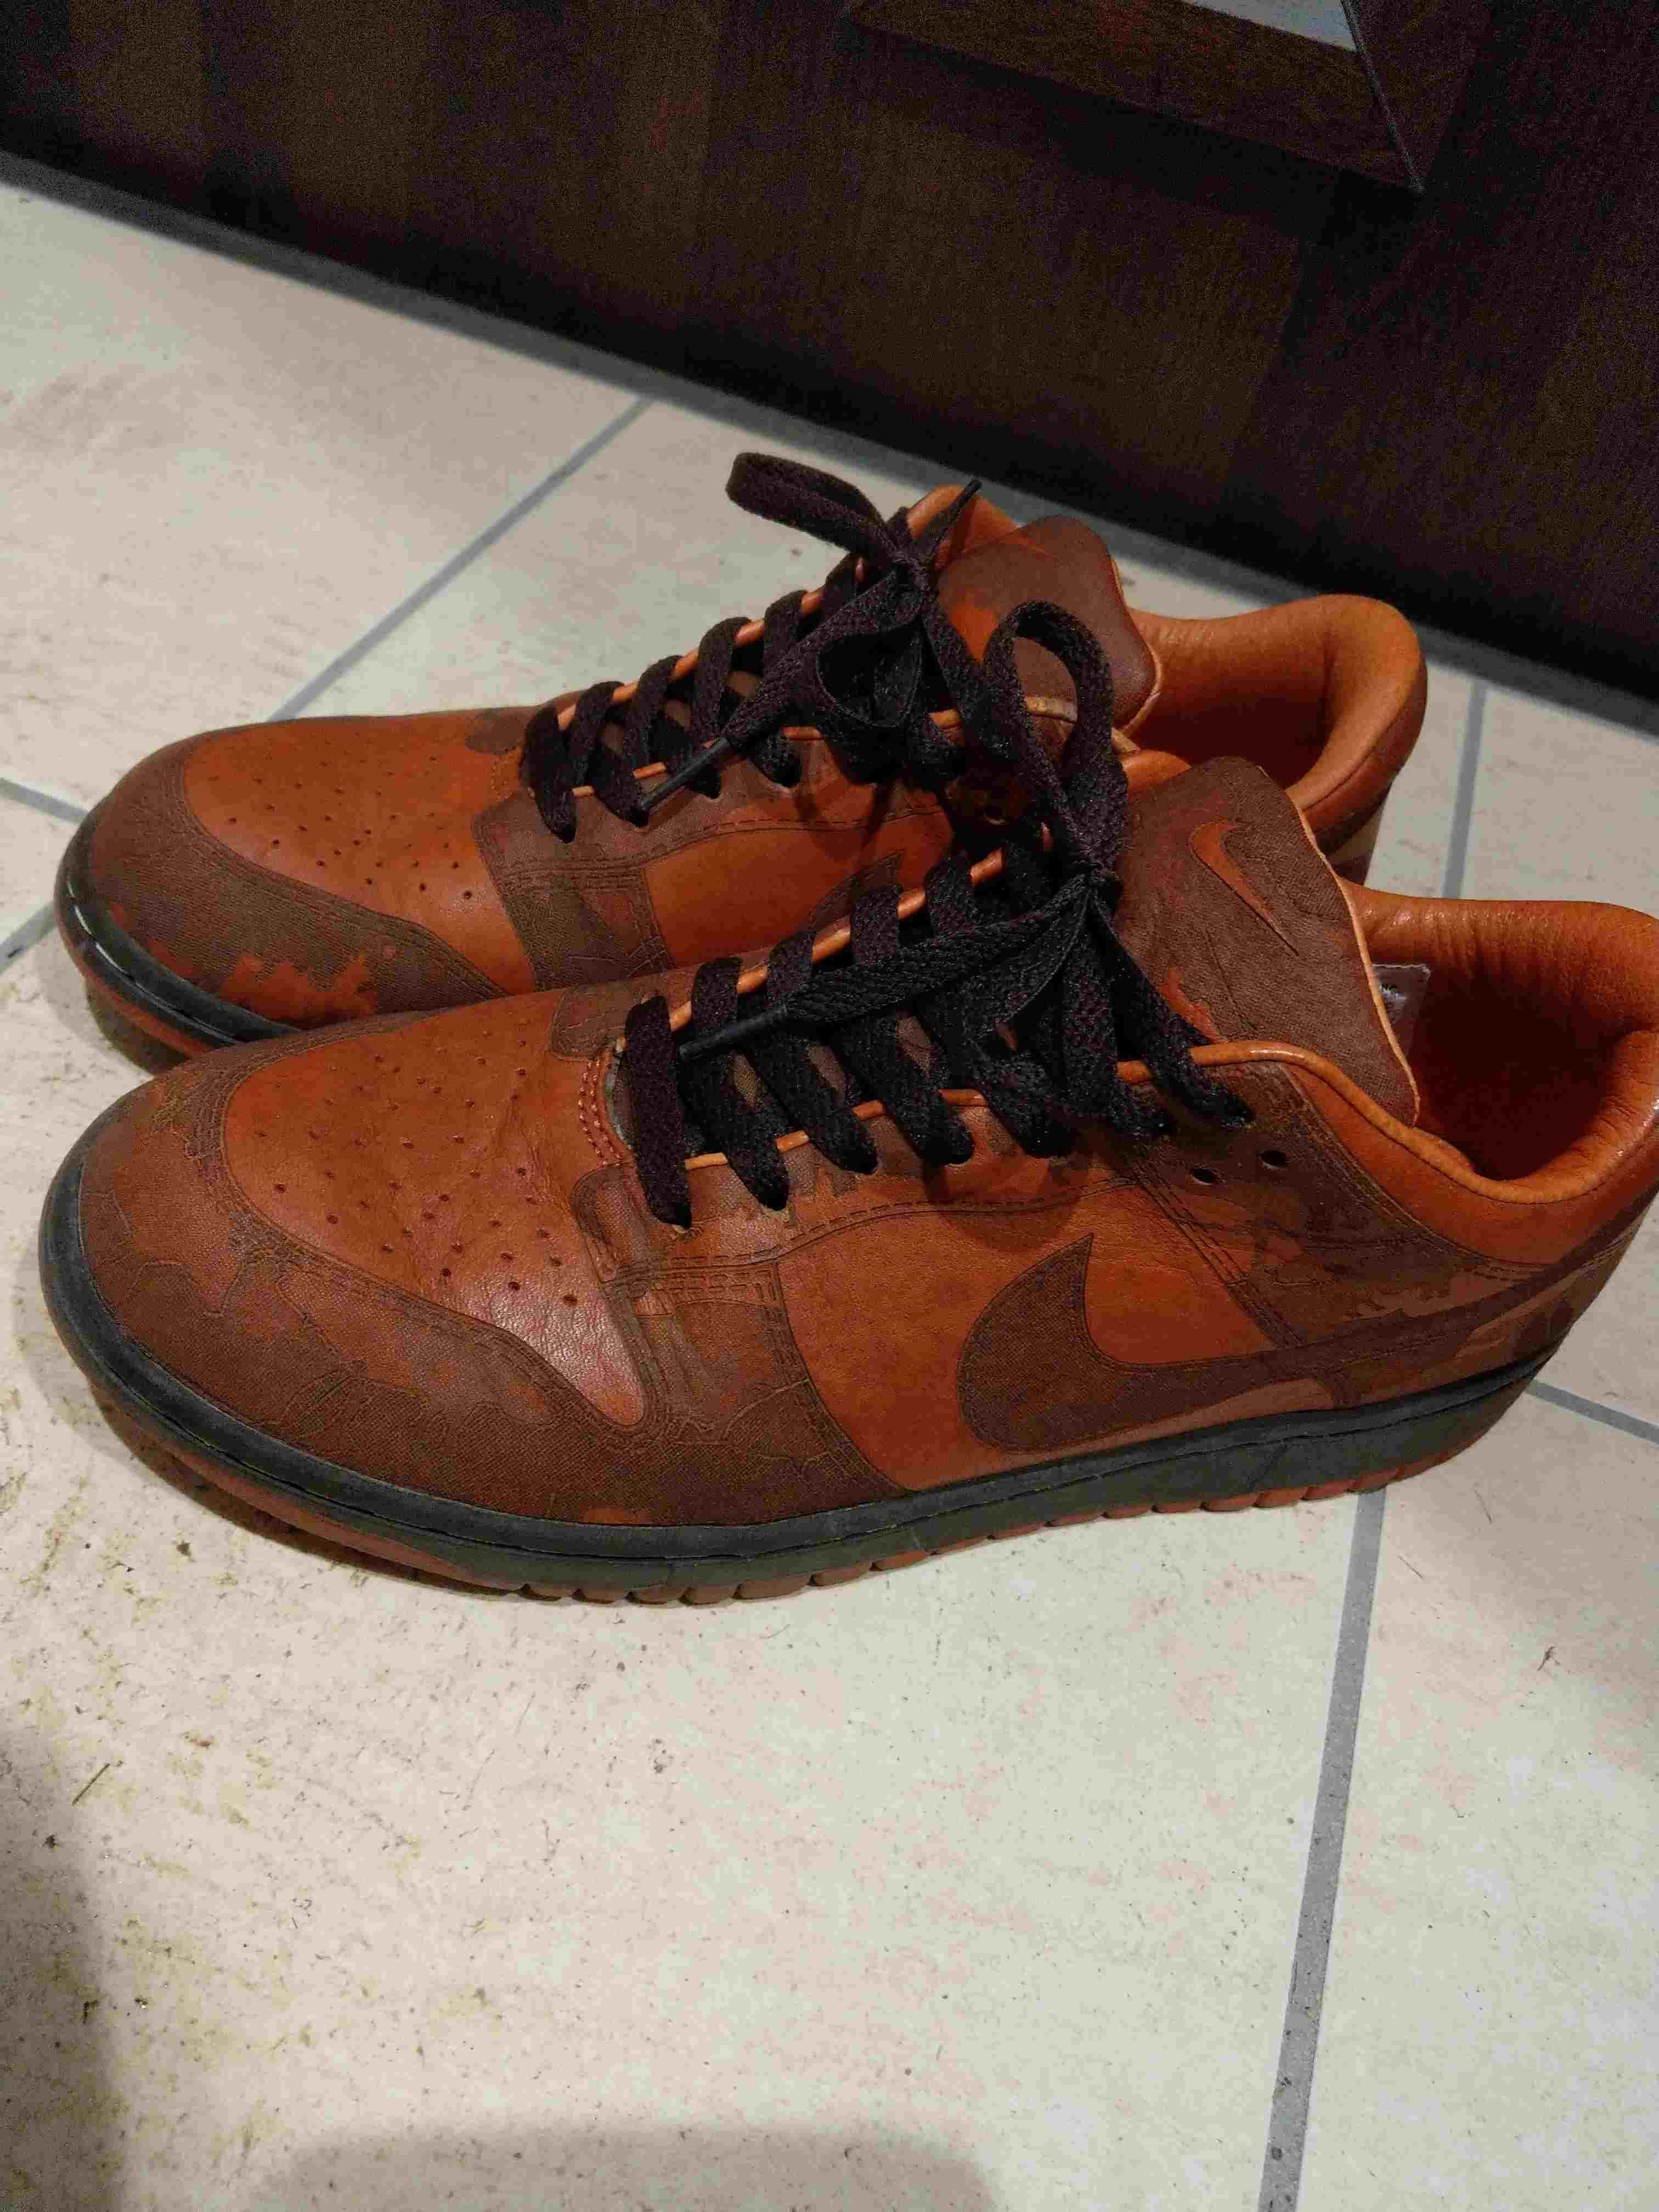 #レビュー 5~6年前に古着屋で購入したダンクワンピース 縫い目がほぼないので履